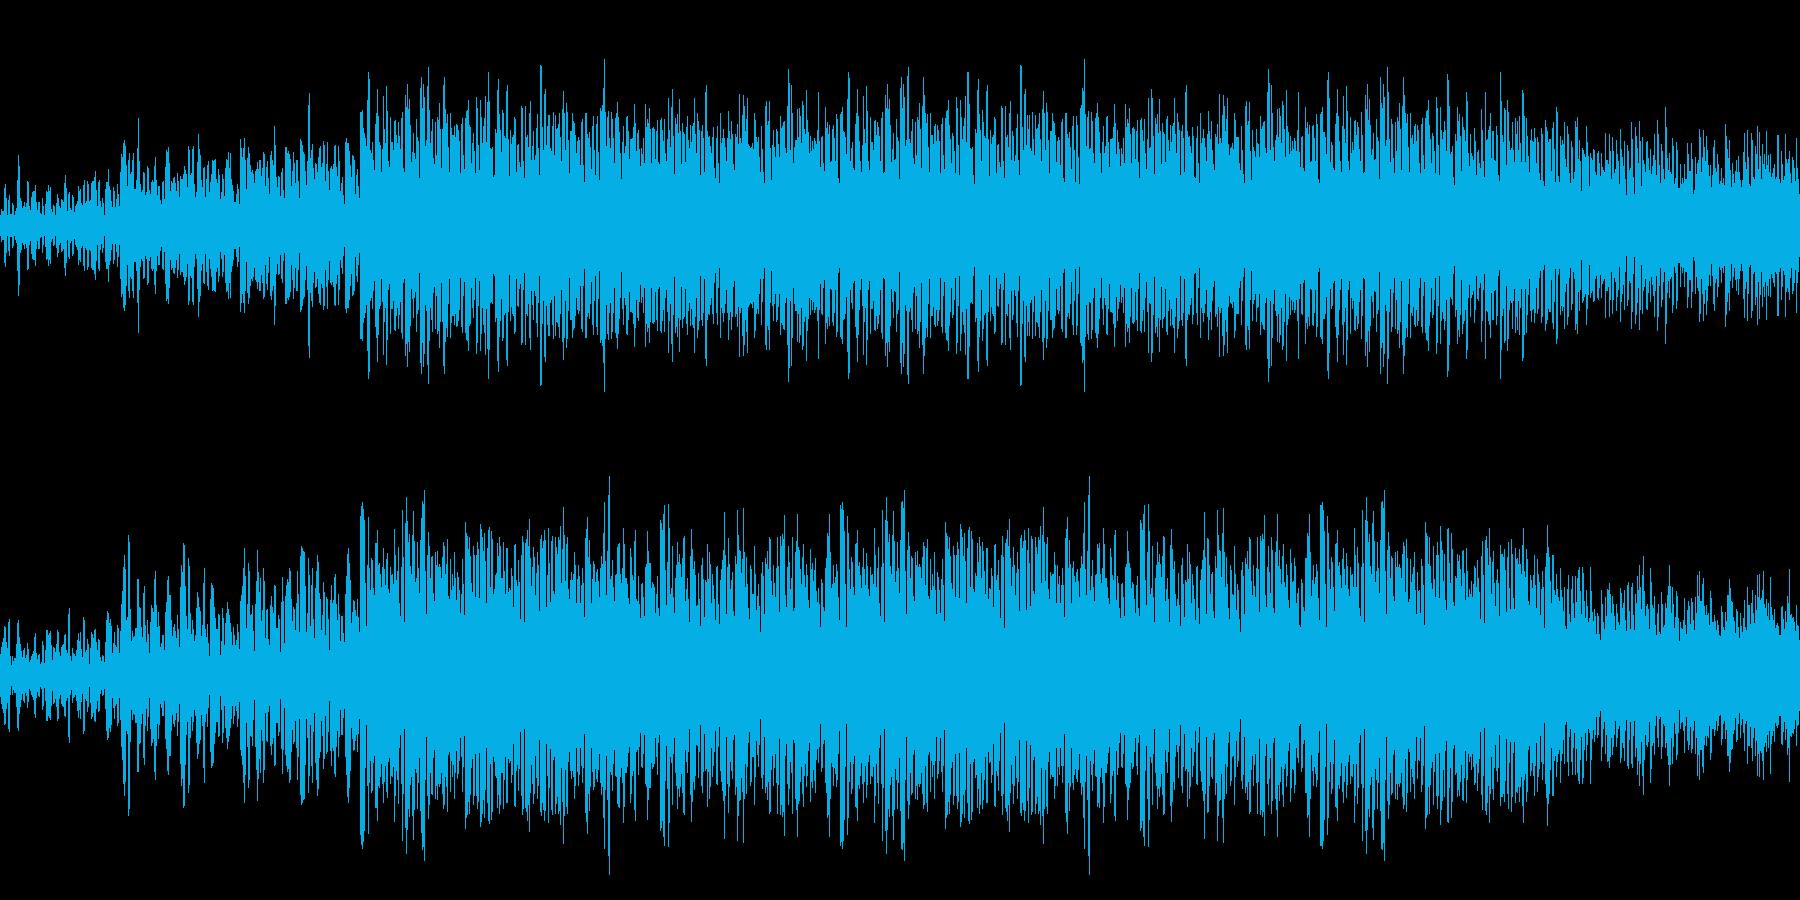 【ファンタジーアニメゲーム・森】の再生済みの波形